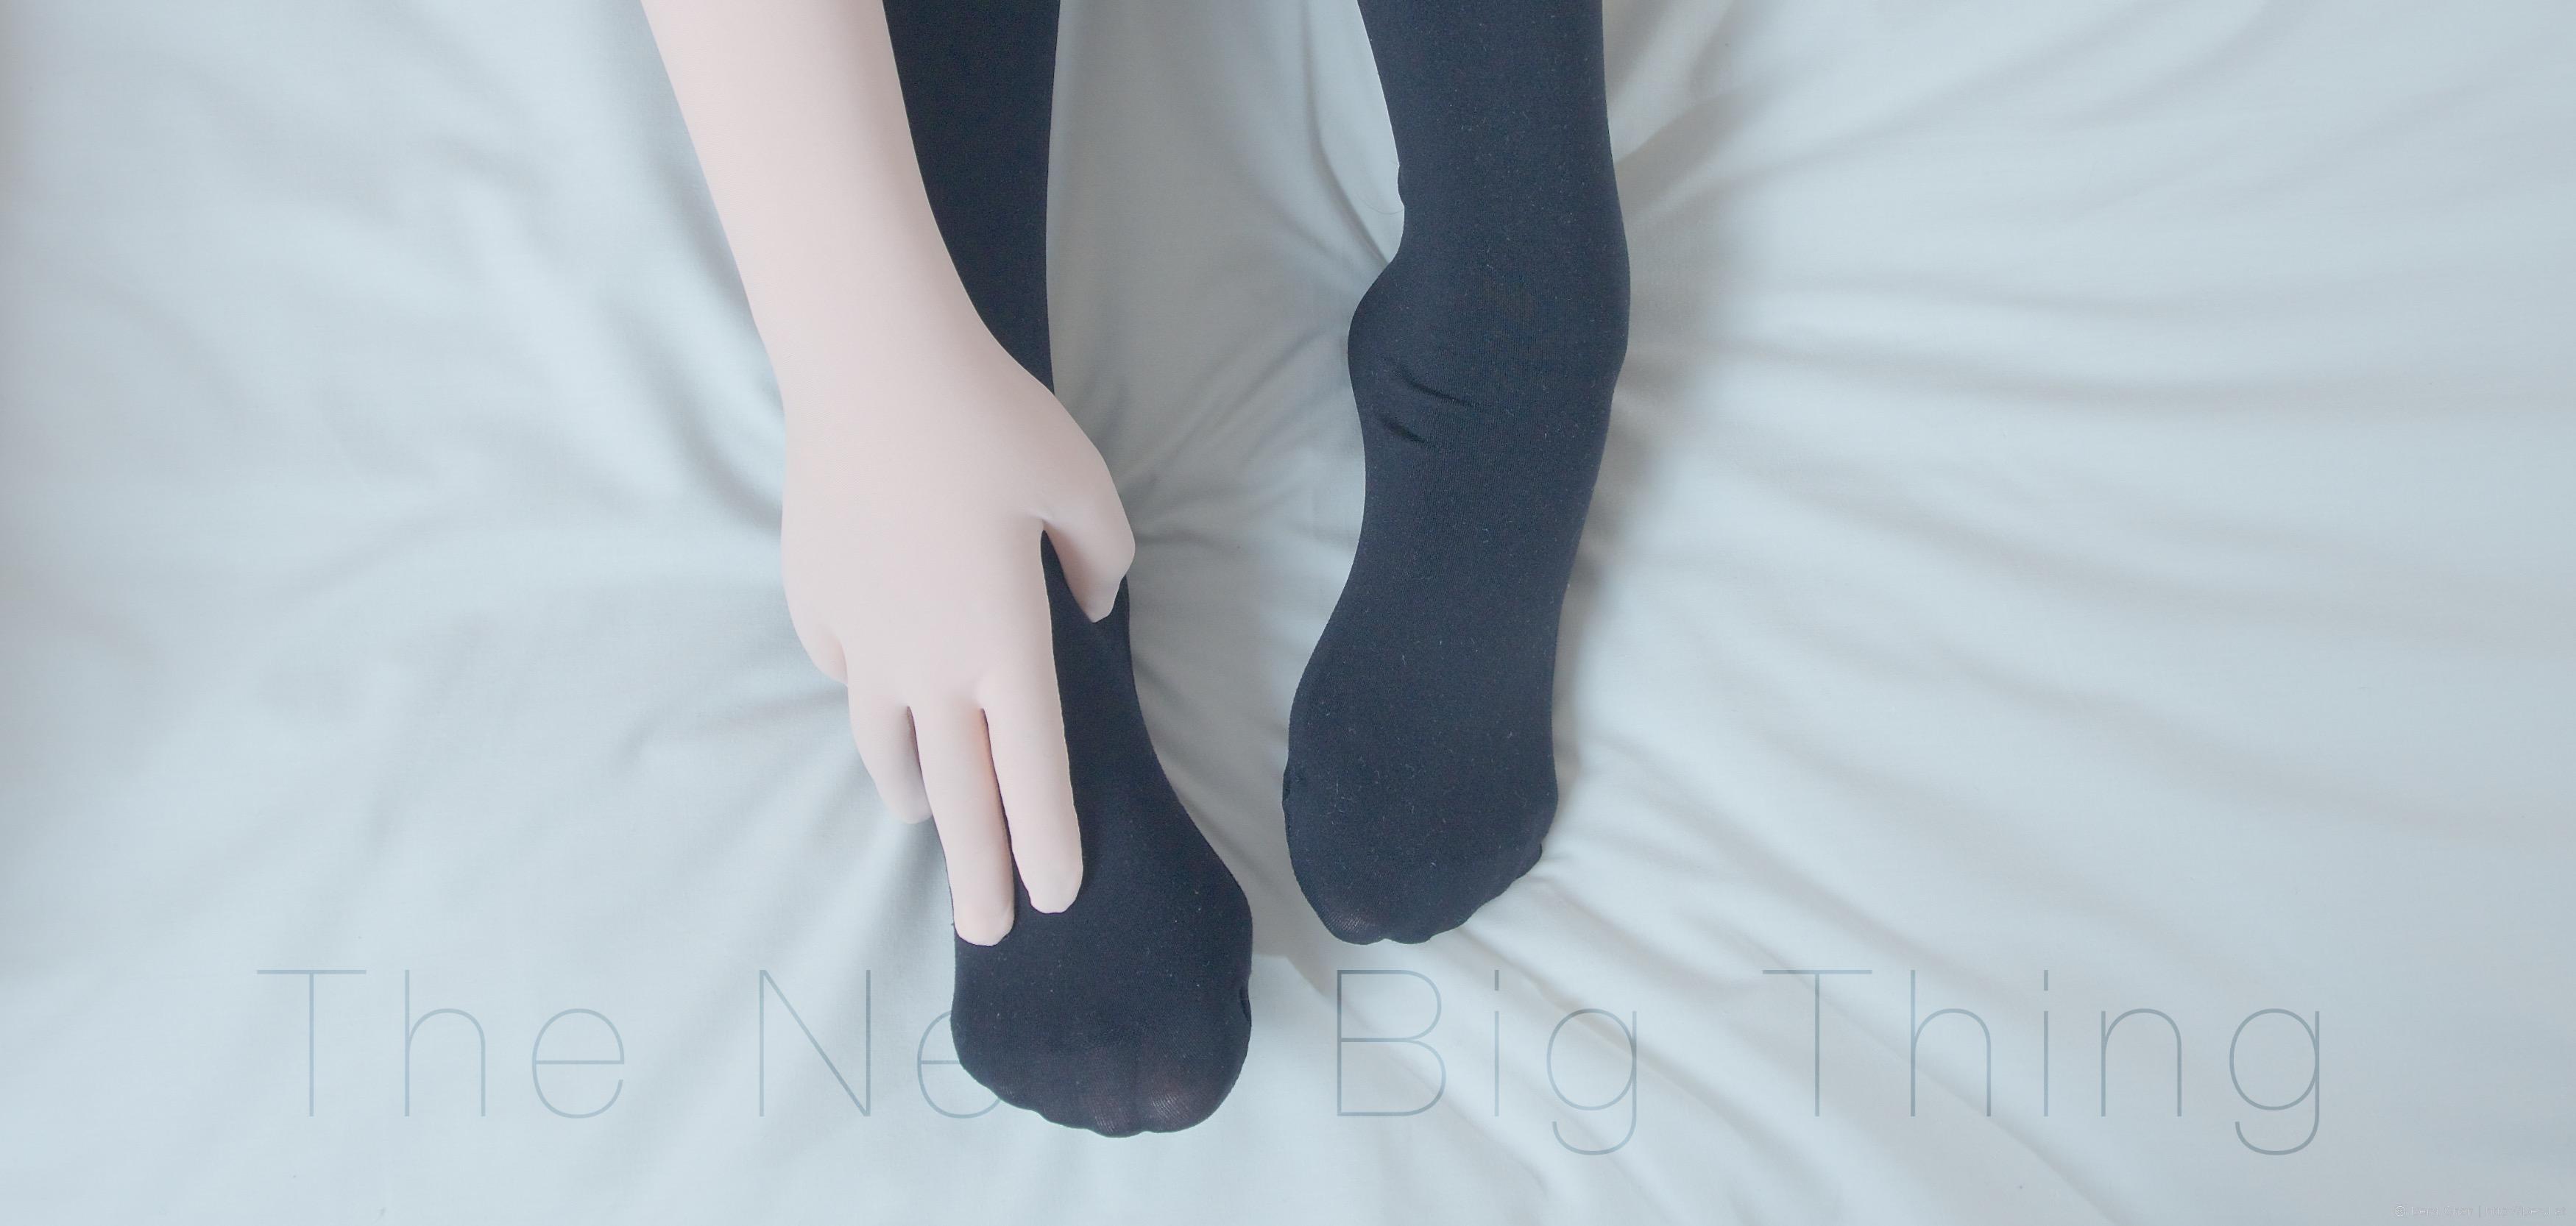 Free Images : hand, girl, white, feet, cute, leg, finger, spring ...